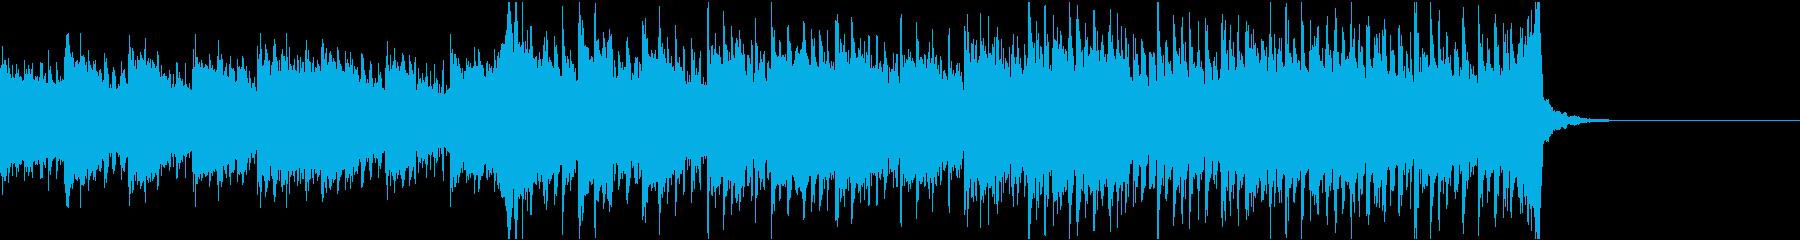 軽快だけど少し切ないシンセの曲の再生済みの波形